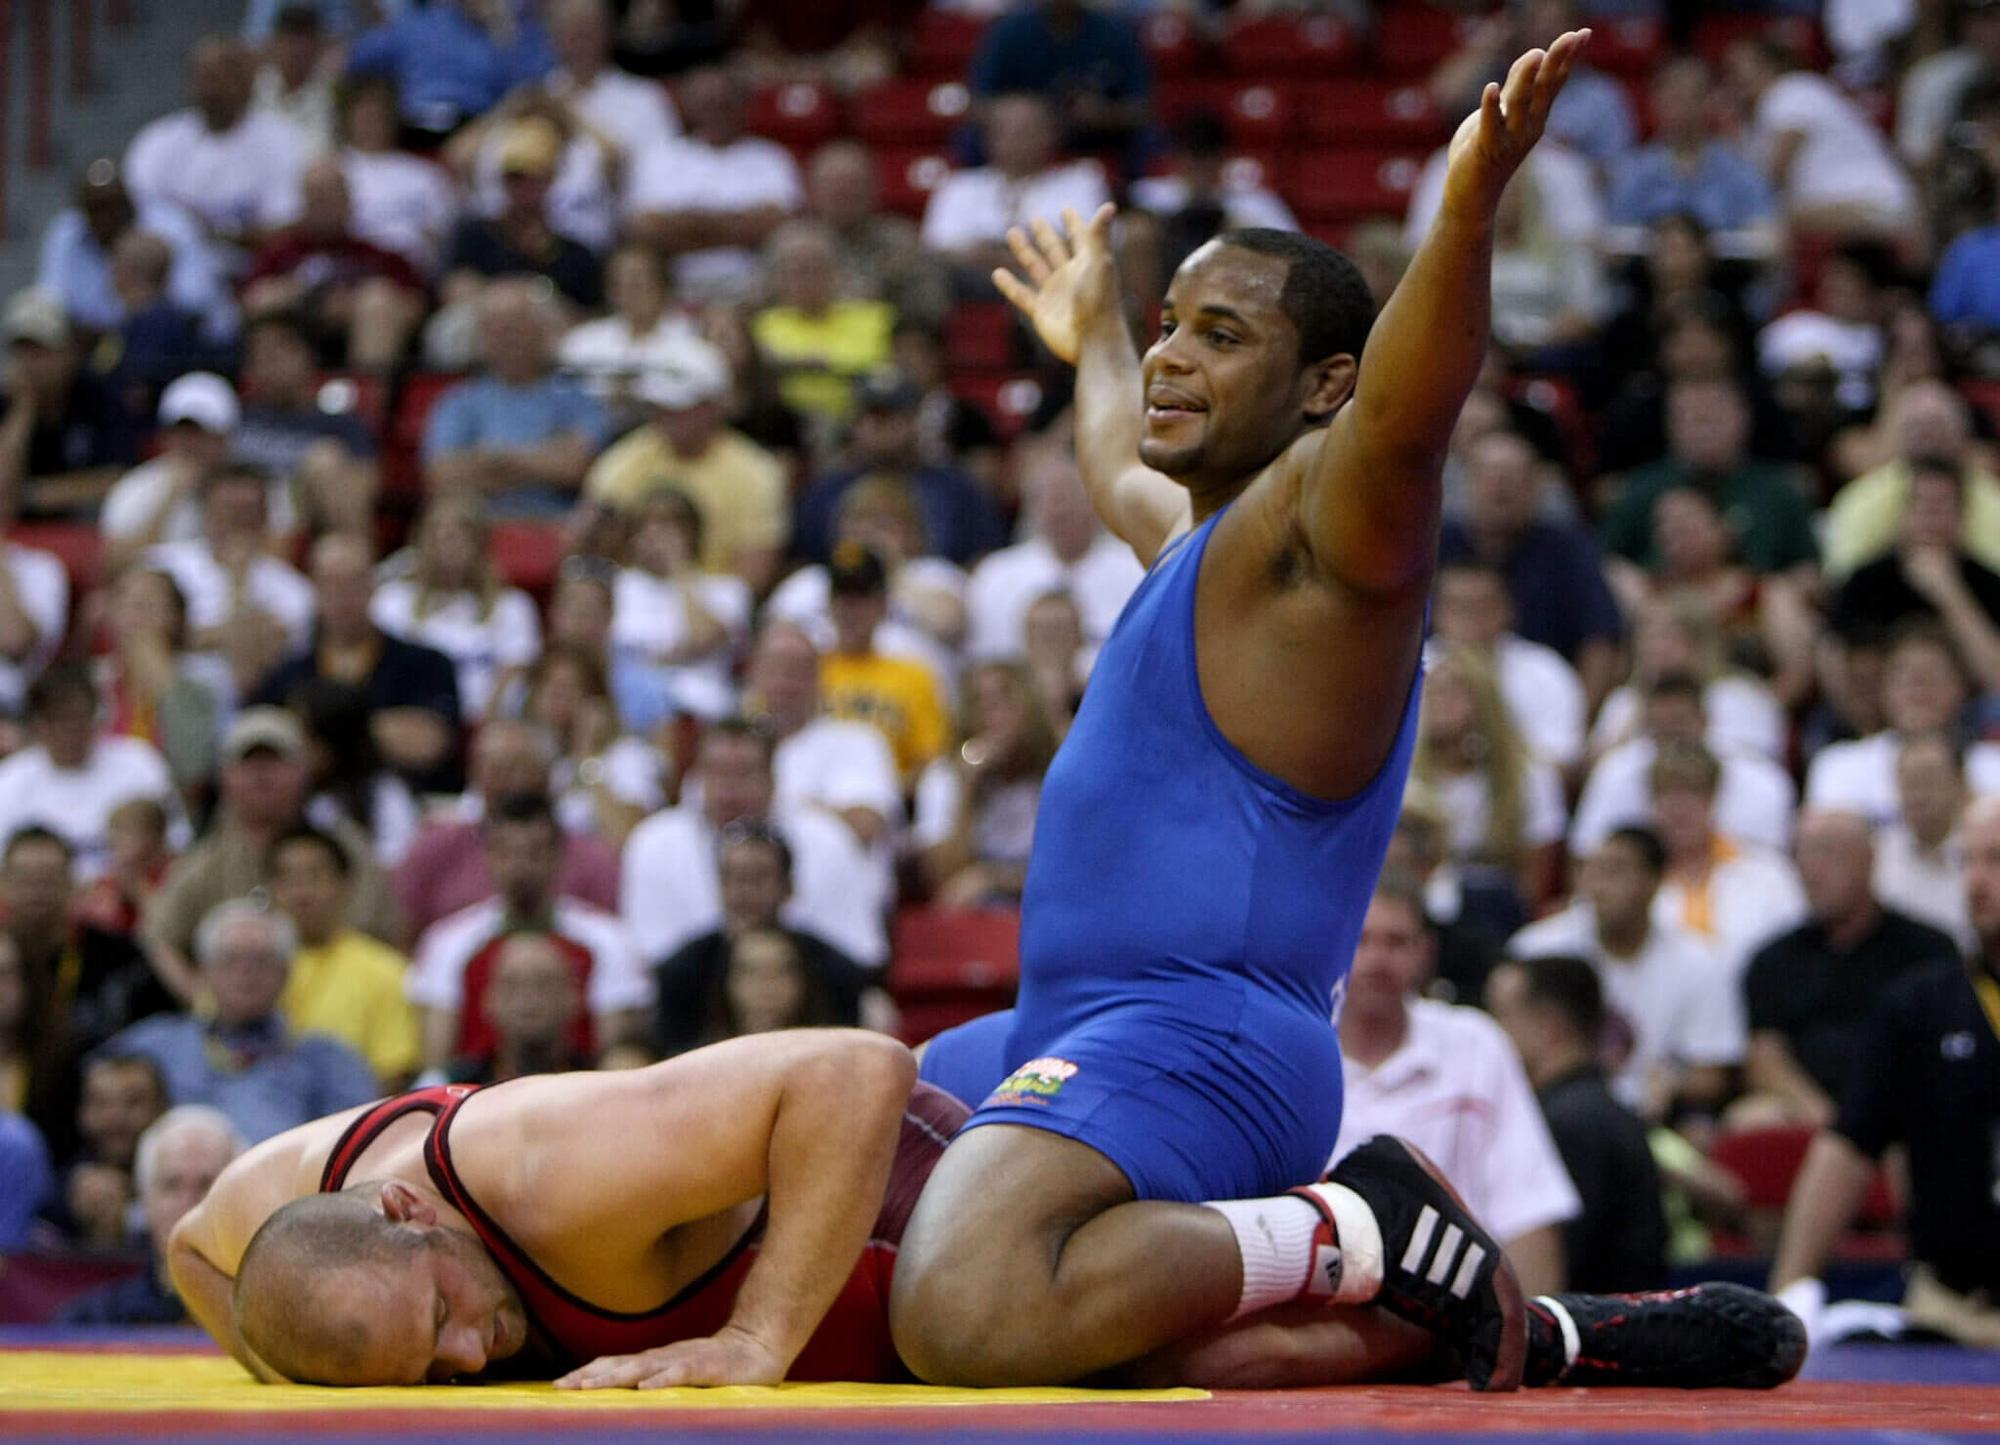 Với những võ sĩ chuyên nghiệp, Olympic vẫn tạo ra một thứ sức hút đặc biệt - Ảnh 4.